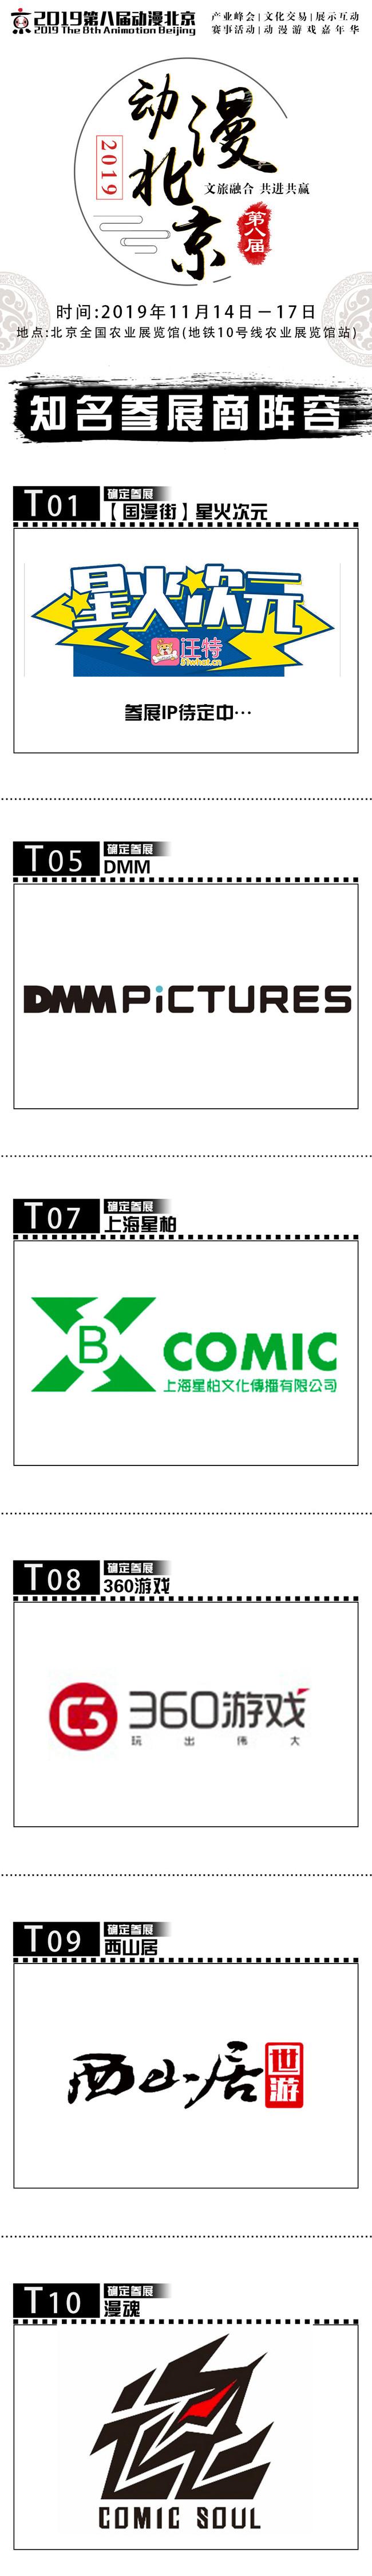 1101天涯1 (1).jpg